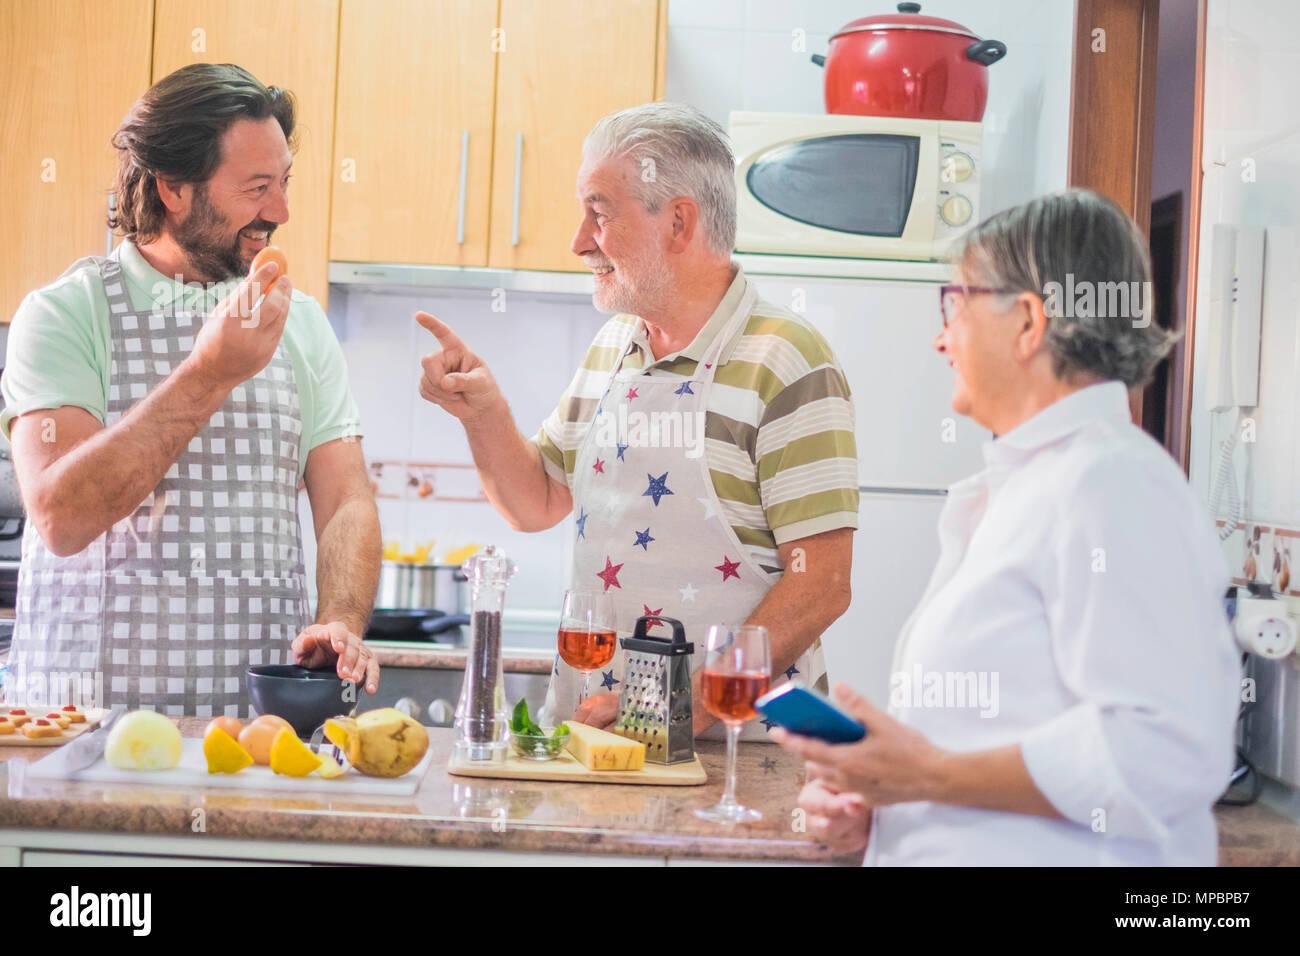 Cocina interior tiwh escena una familia cocinando. El padre, la madre y el hijo. Pareja y senior masculino de mediana edad. Bromeando y diciendo concepto diariamente. Foto de stock